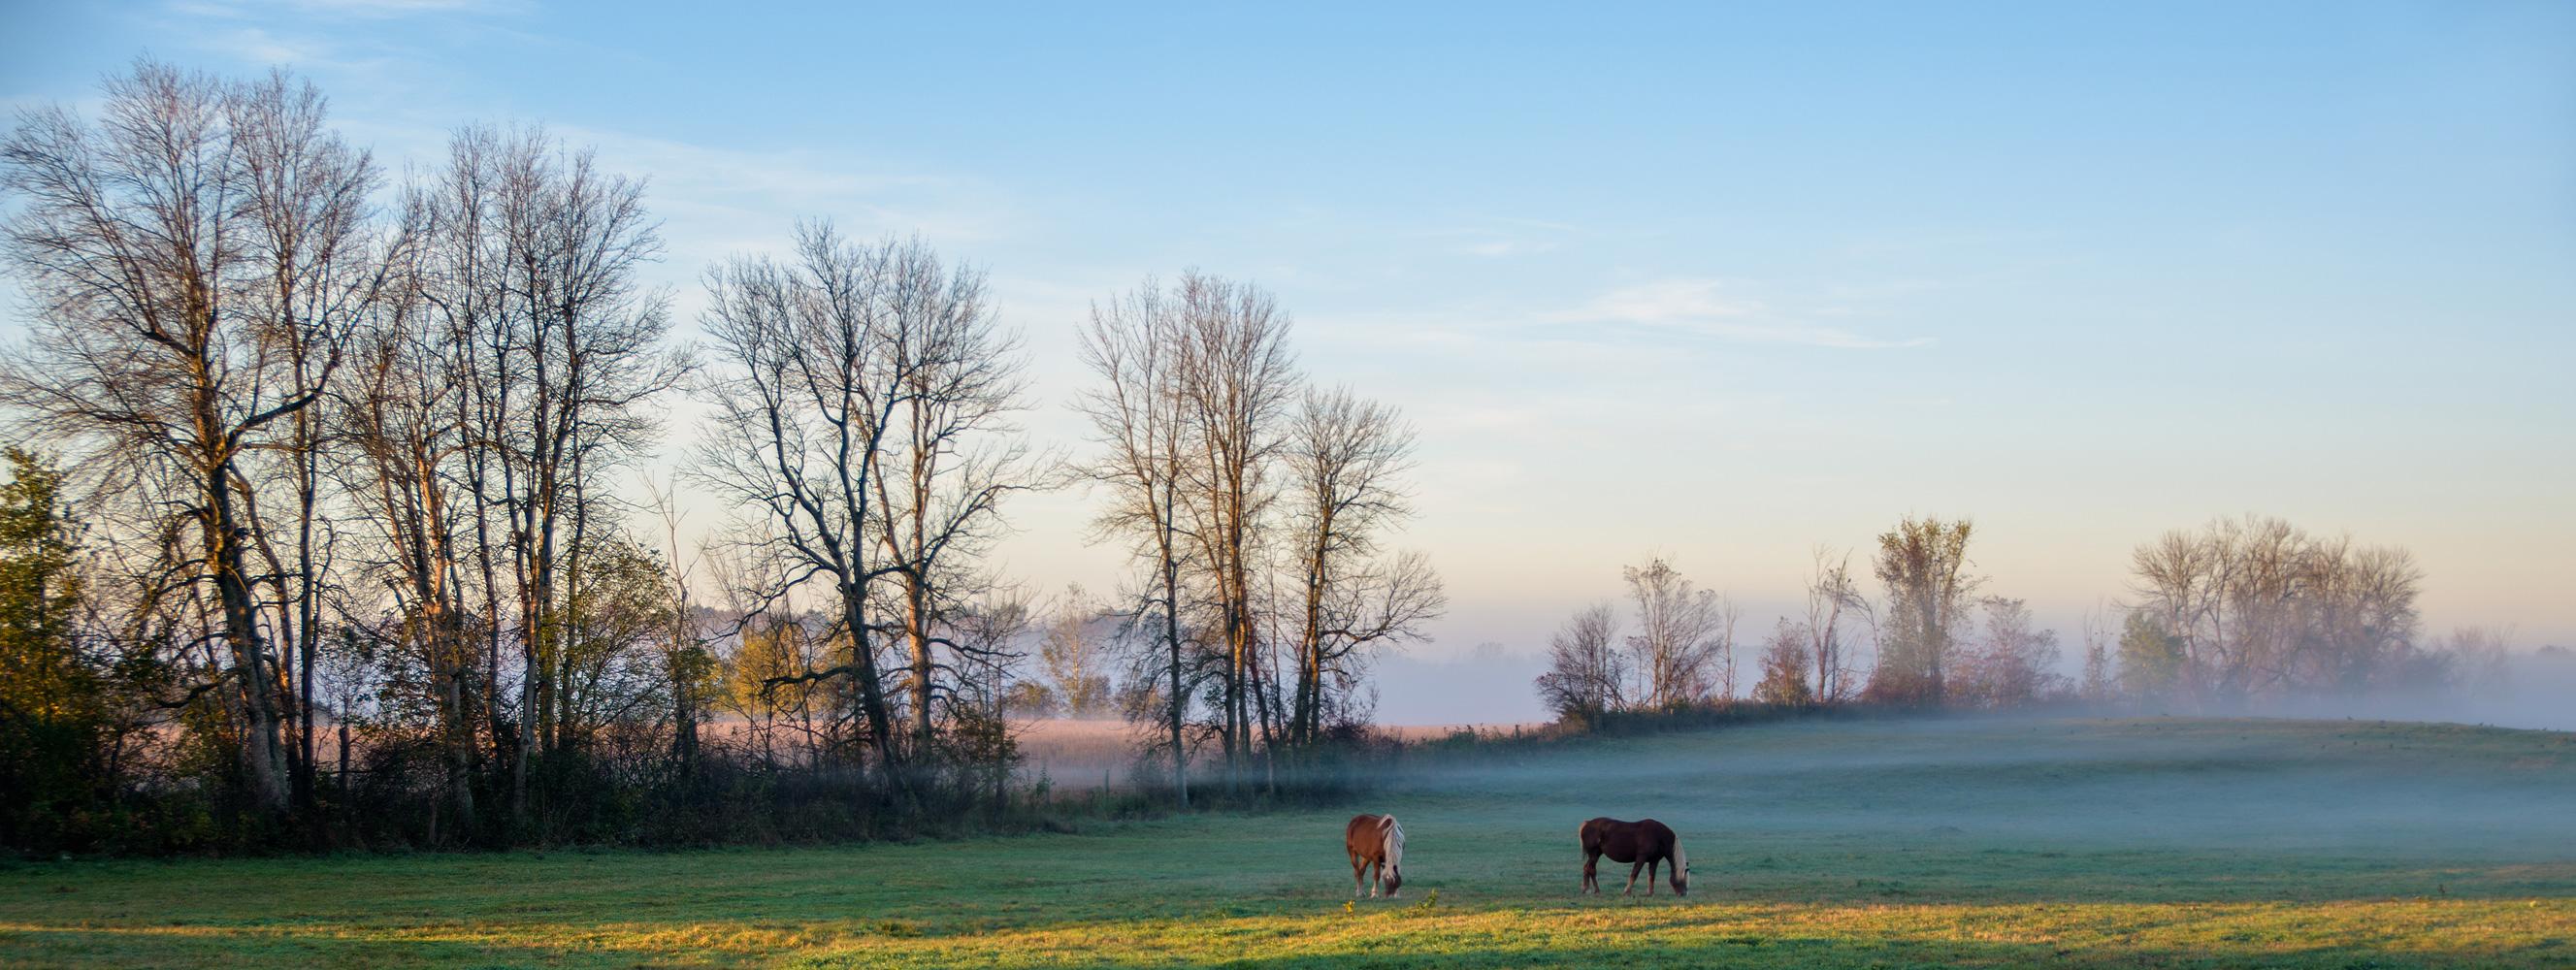 https://0901.nccdn.net/4_2/000/000/07d/95b/landscape-horses-grazing.jpg